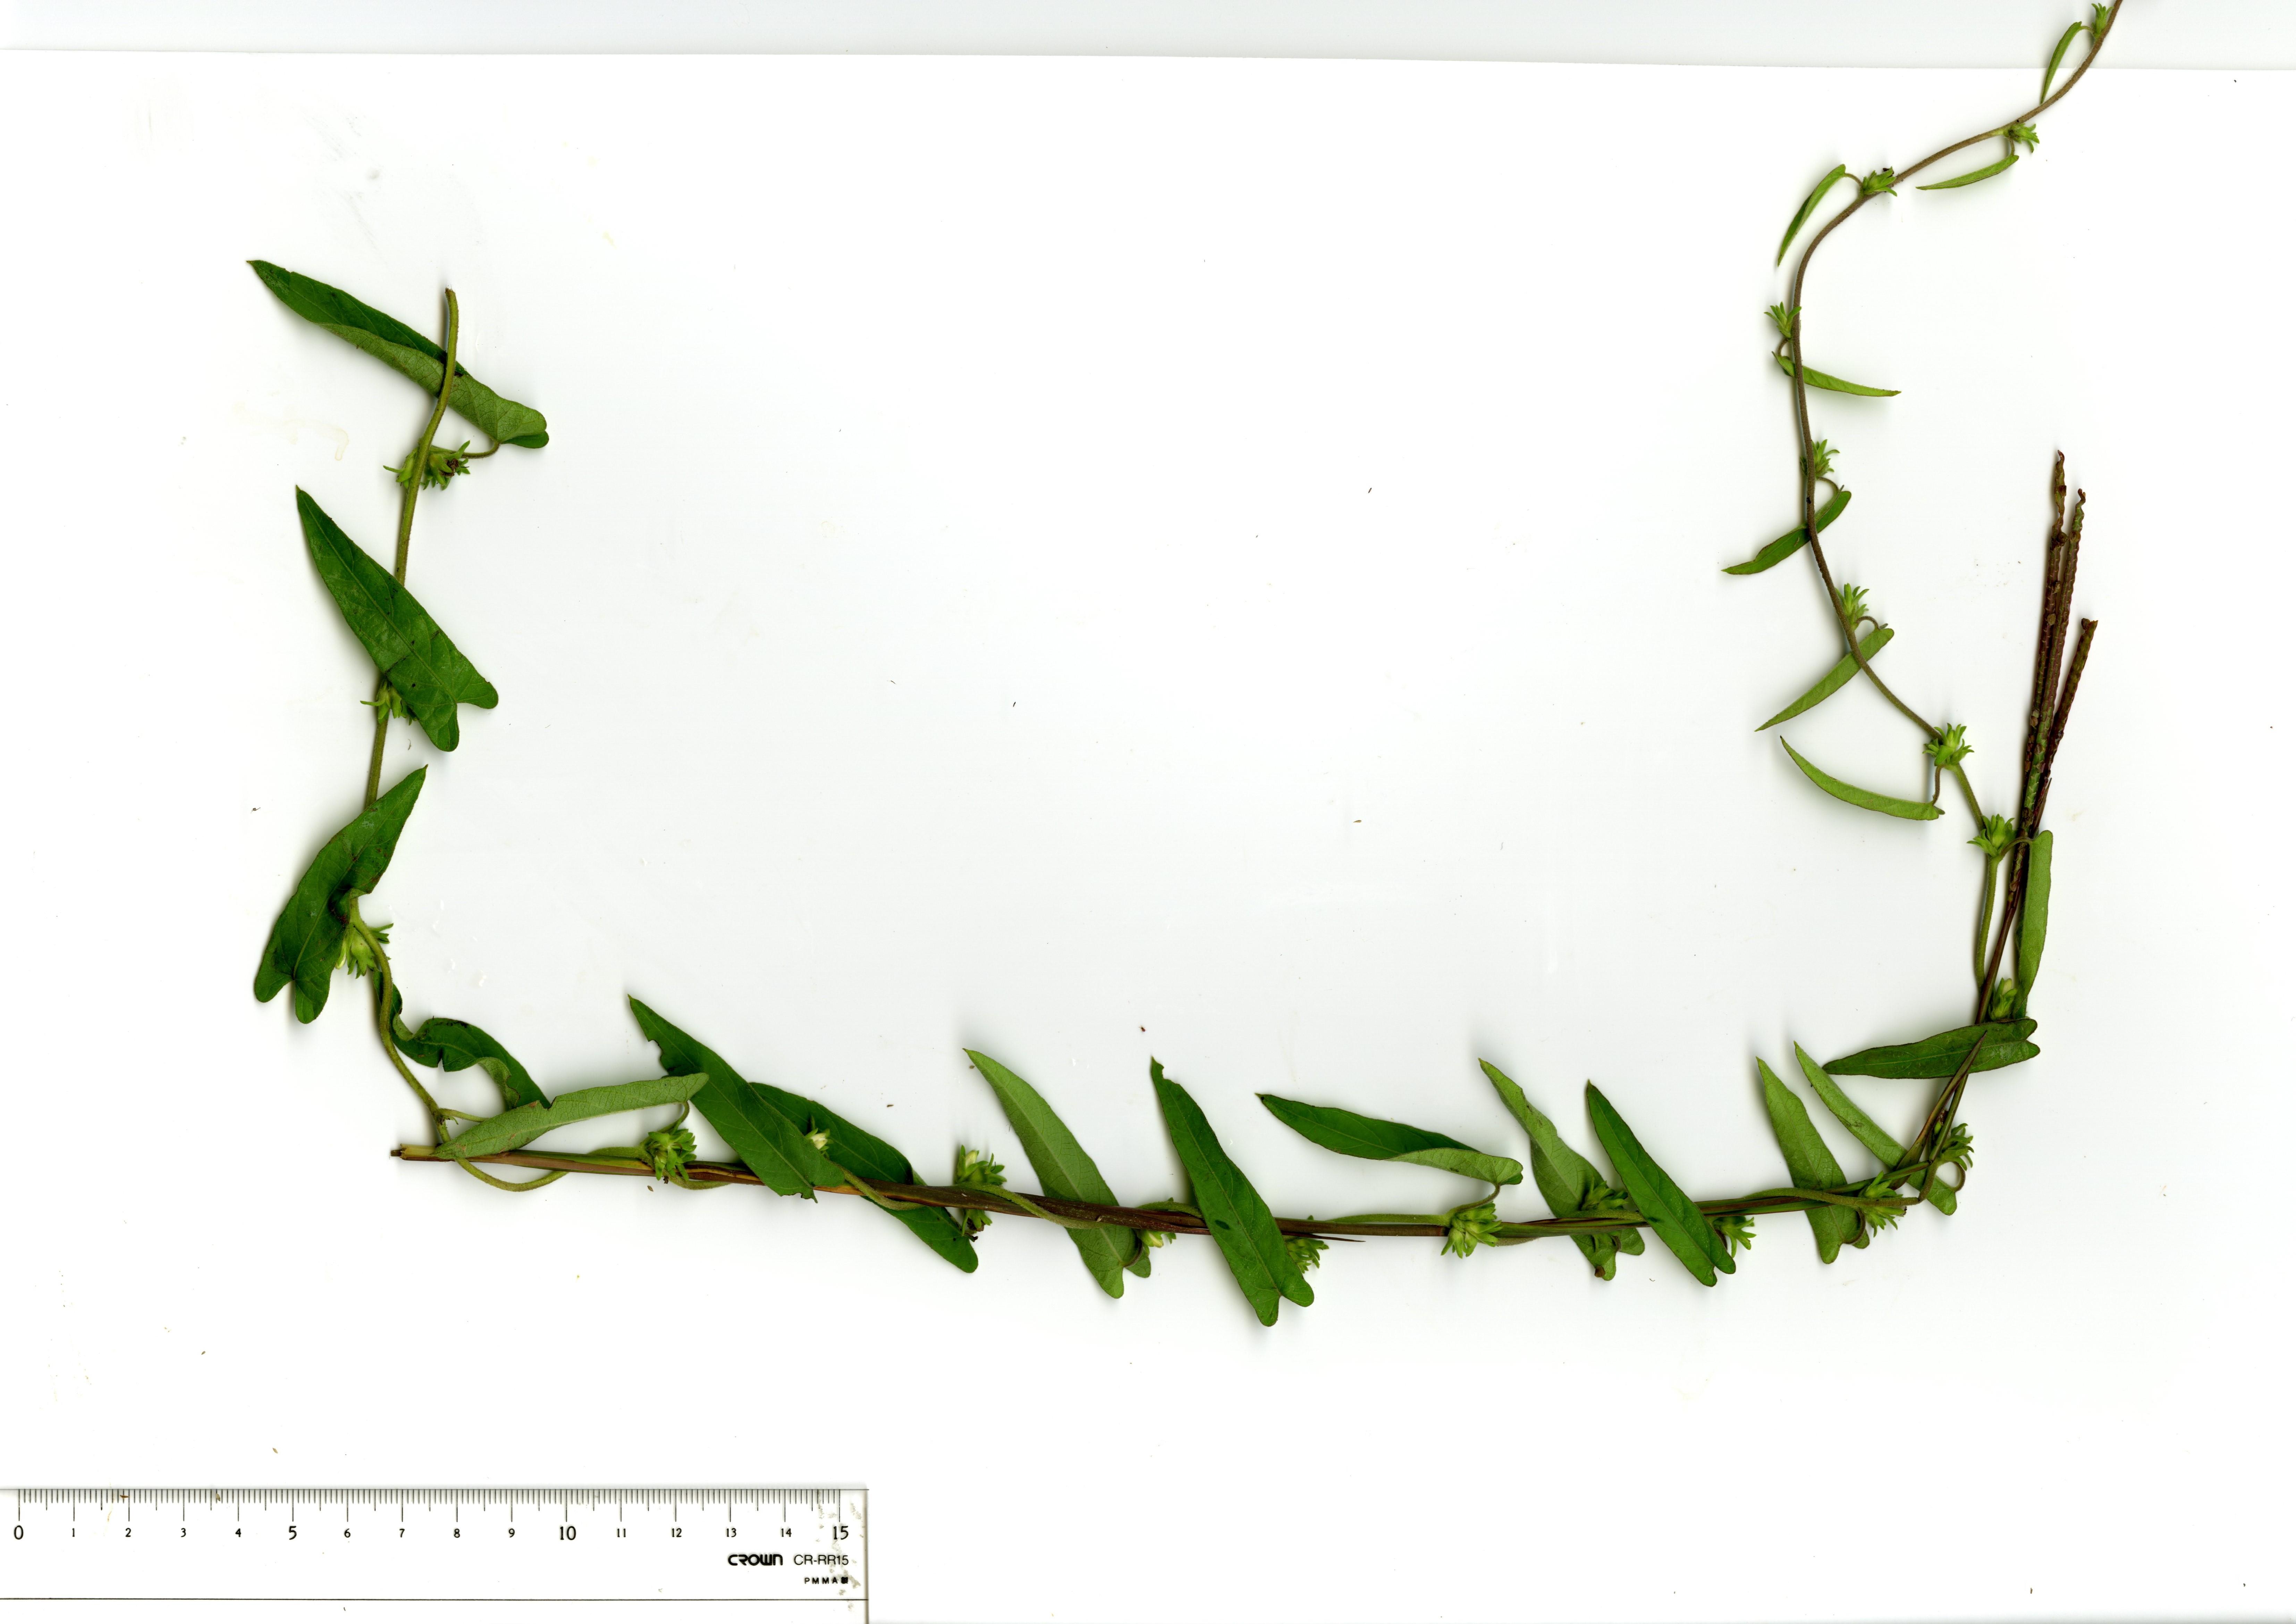 花序をつけた植物体